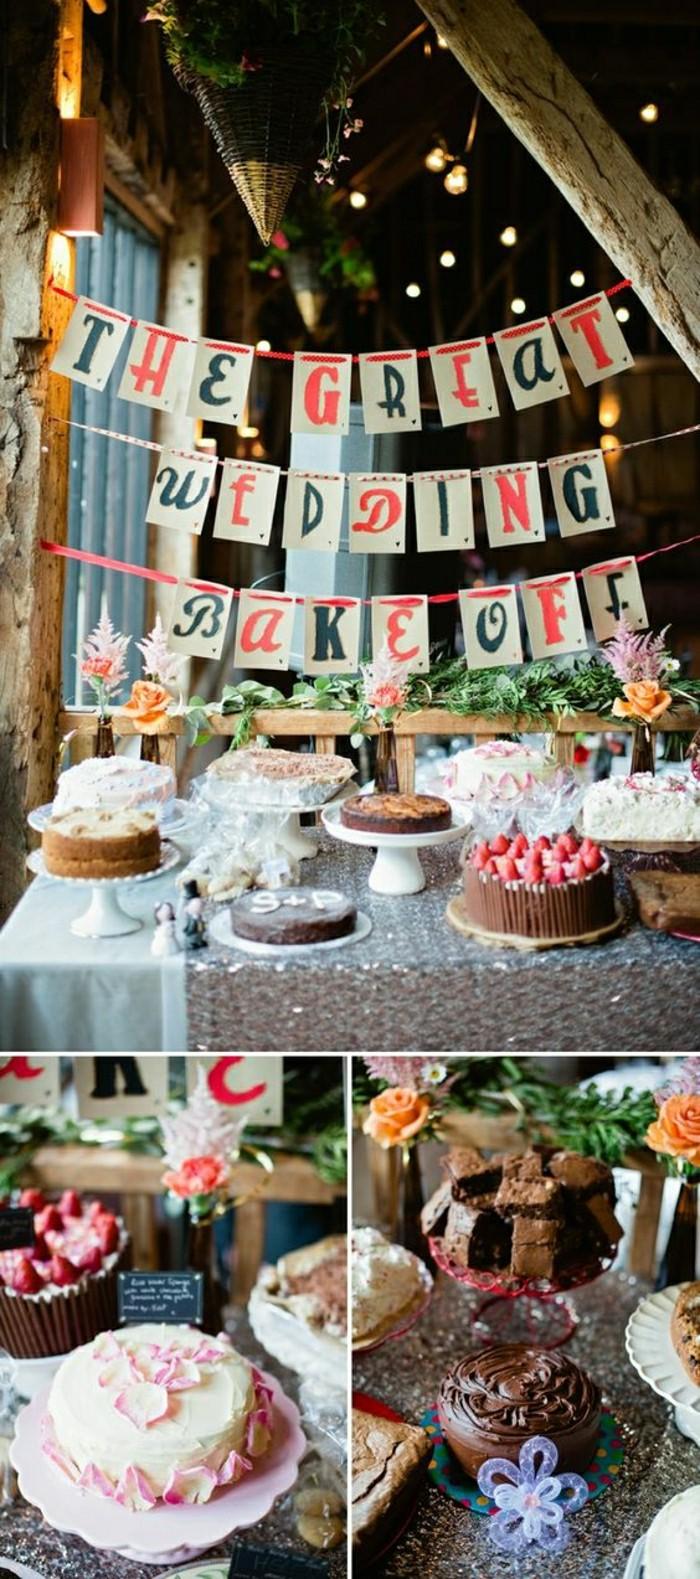 0-deco-mariage-pas-cher-comment-decorer-la-table-pour-votre-mariage-gateau-mariage